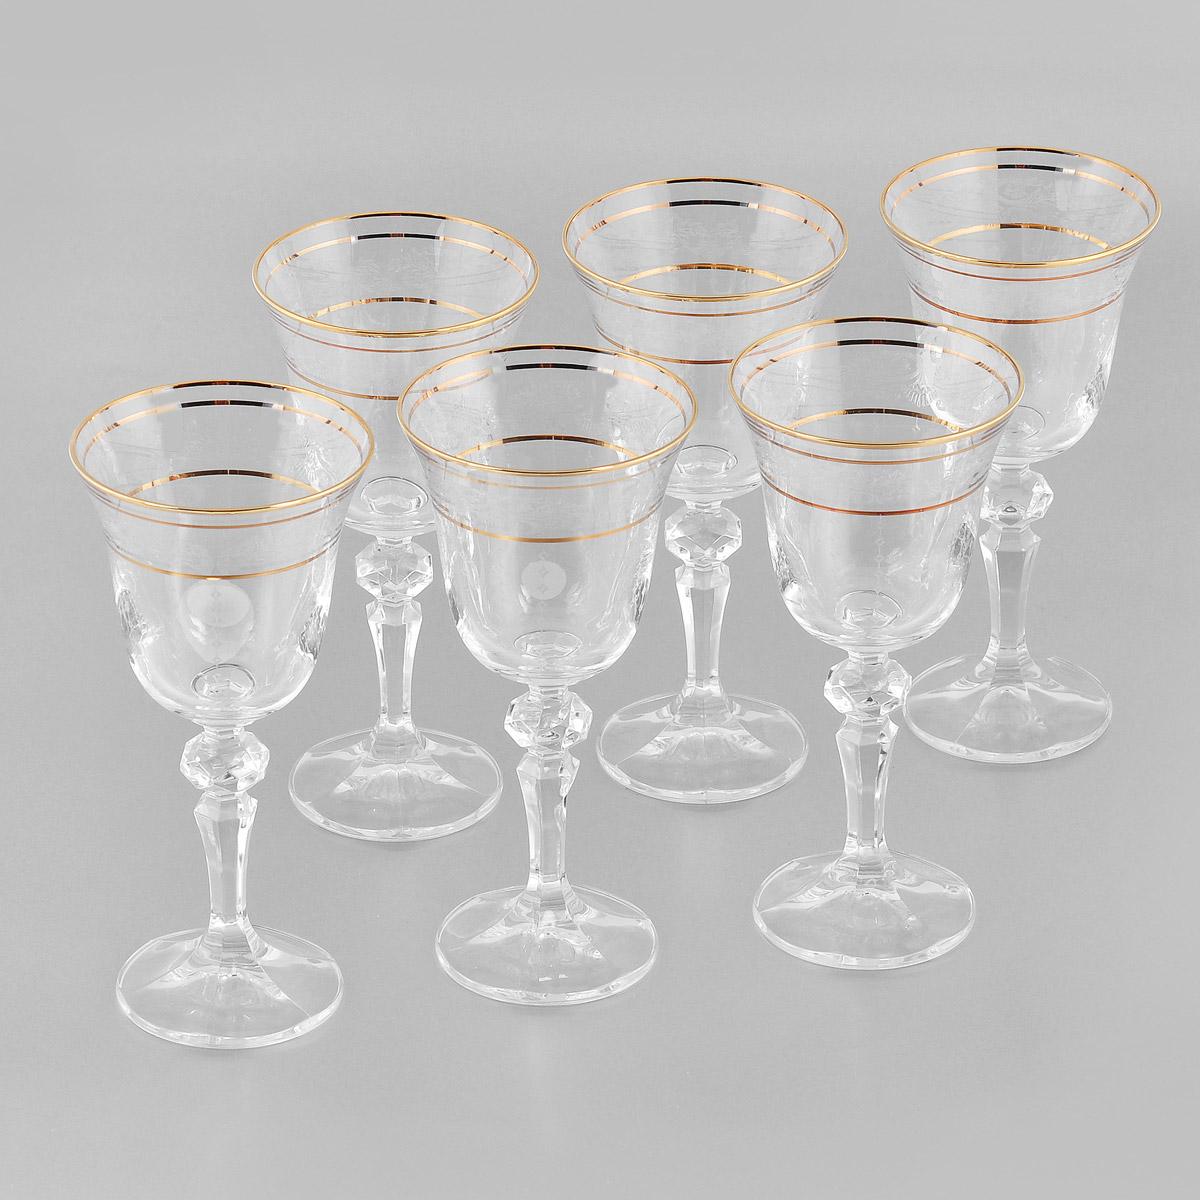 Набор бокалов для вина Crystalite Bohemia Роза, 170 мл, 6 шт. 40707/170/437491K40707/170/437491KНабор Crystalite Bohemia Роза состоит из шести бокалов, выполненных из прочного высококачественного прозрачного стекла. Изделия оснащены рельефными ножками и декорированы золотистой окантовкой и оригинальным орнаментом. Бокалы предназначены для подачи вина. Они излучают приятный блеск и издают мелодичный звон. Бокалы сочетают в себе элегантный дизайн и функциональность. Благодаря такому набору пить напитки будет еще вкуснее.Набор бокалов Crystalite Bohemia Роза прекрасно оформит праздничный стол и создаст приятную атмосферу за романтическим ужином. Такой набор также станет хорошим подарком к любому случаю. Не использовать в посудомоечной машине и микроволновой печи.